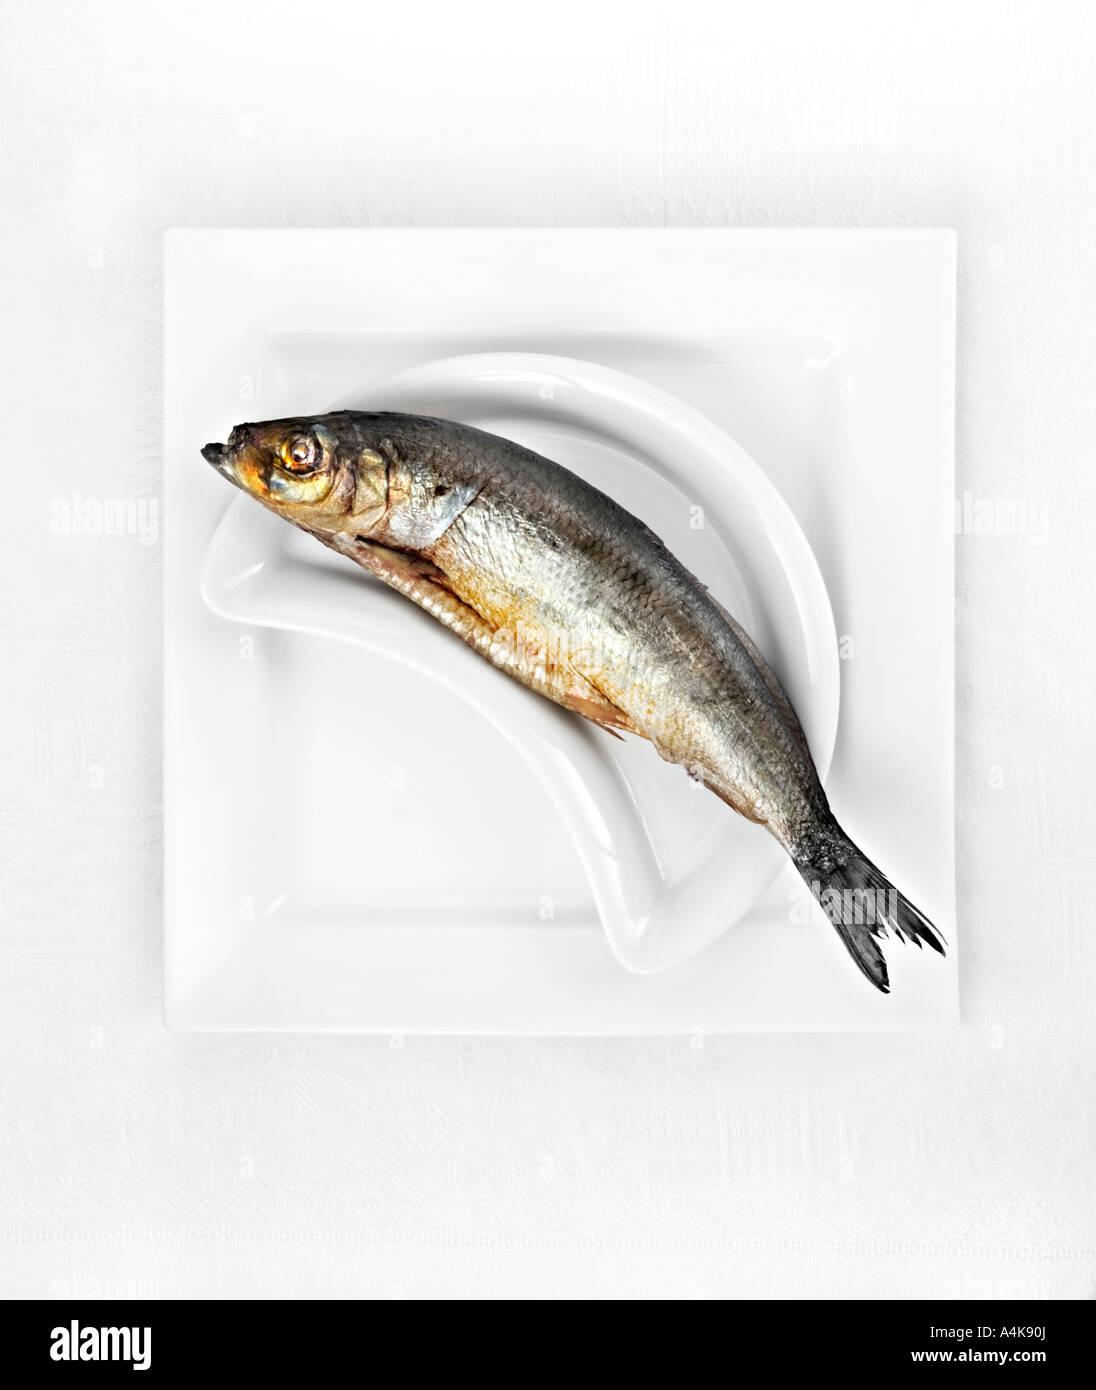 Kipper on white plate - Stock Image